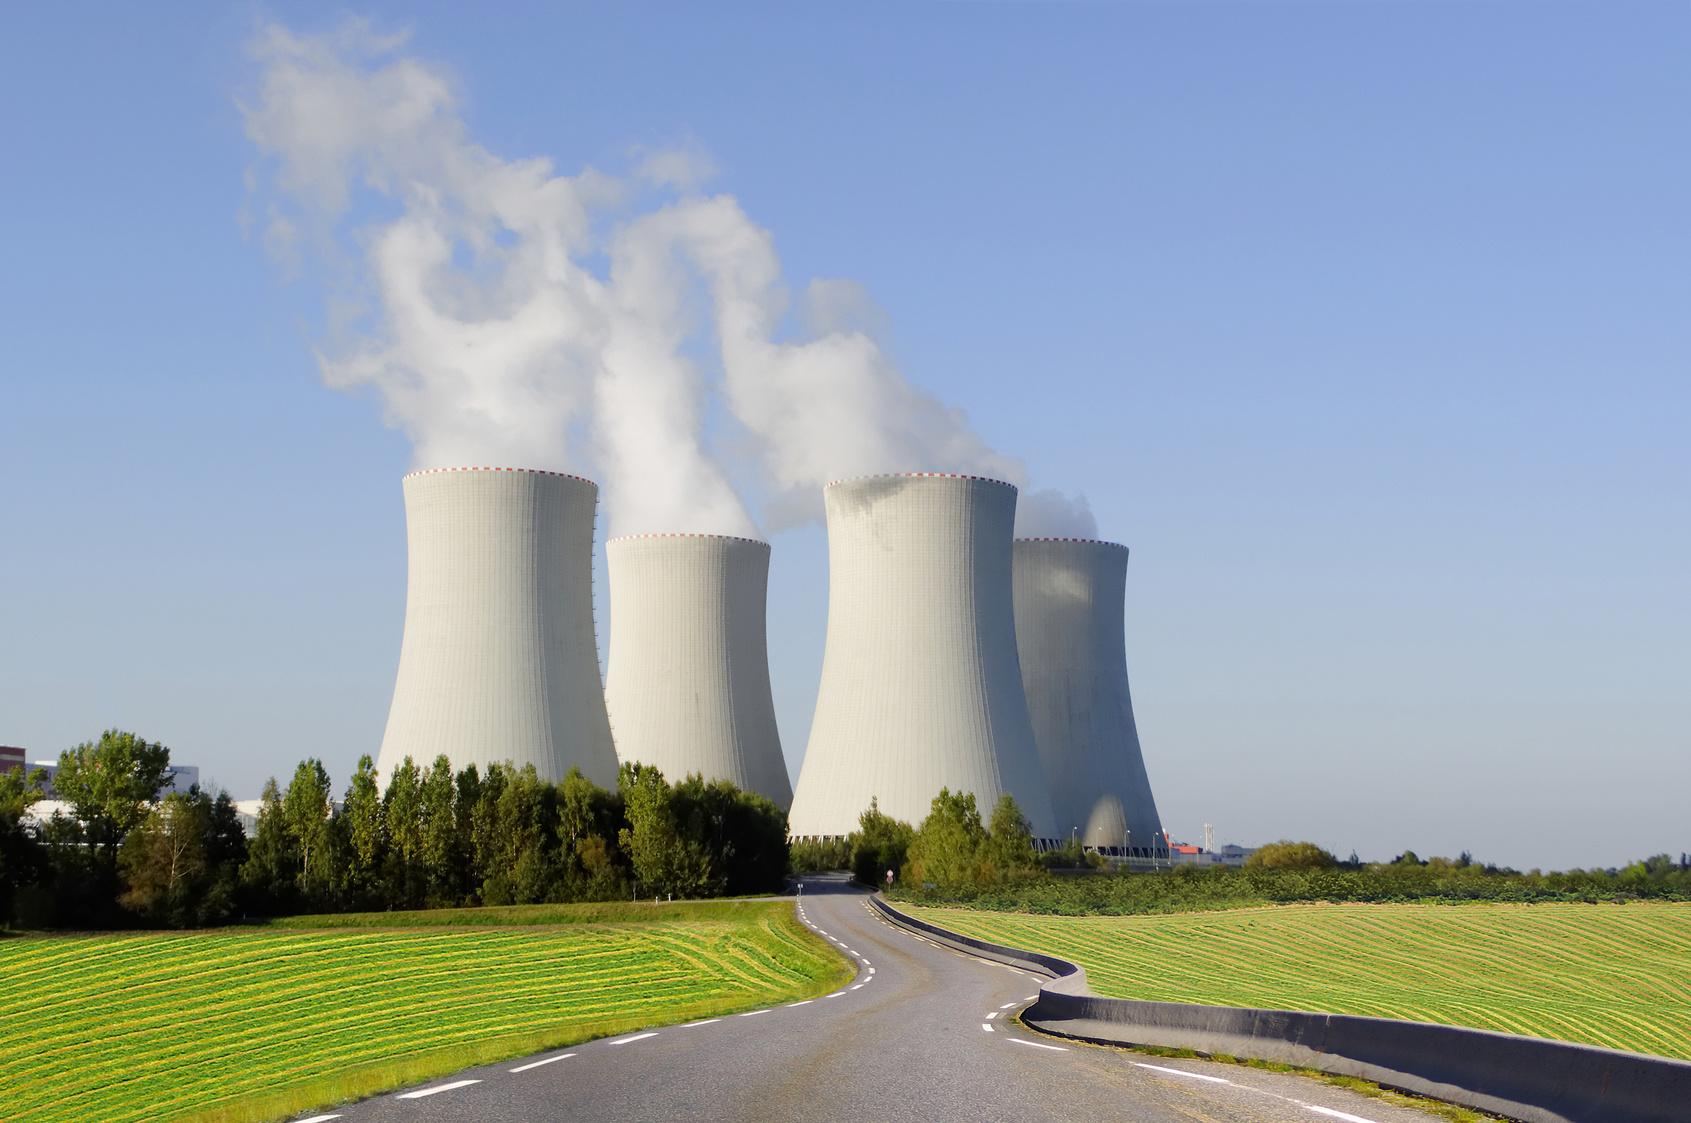 Les déchets du nucléaire français, de quoi parle-t-on ? [1/2]